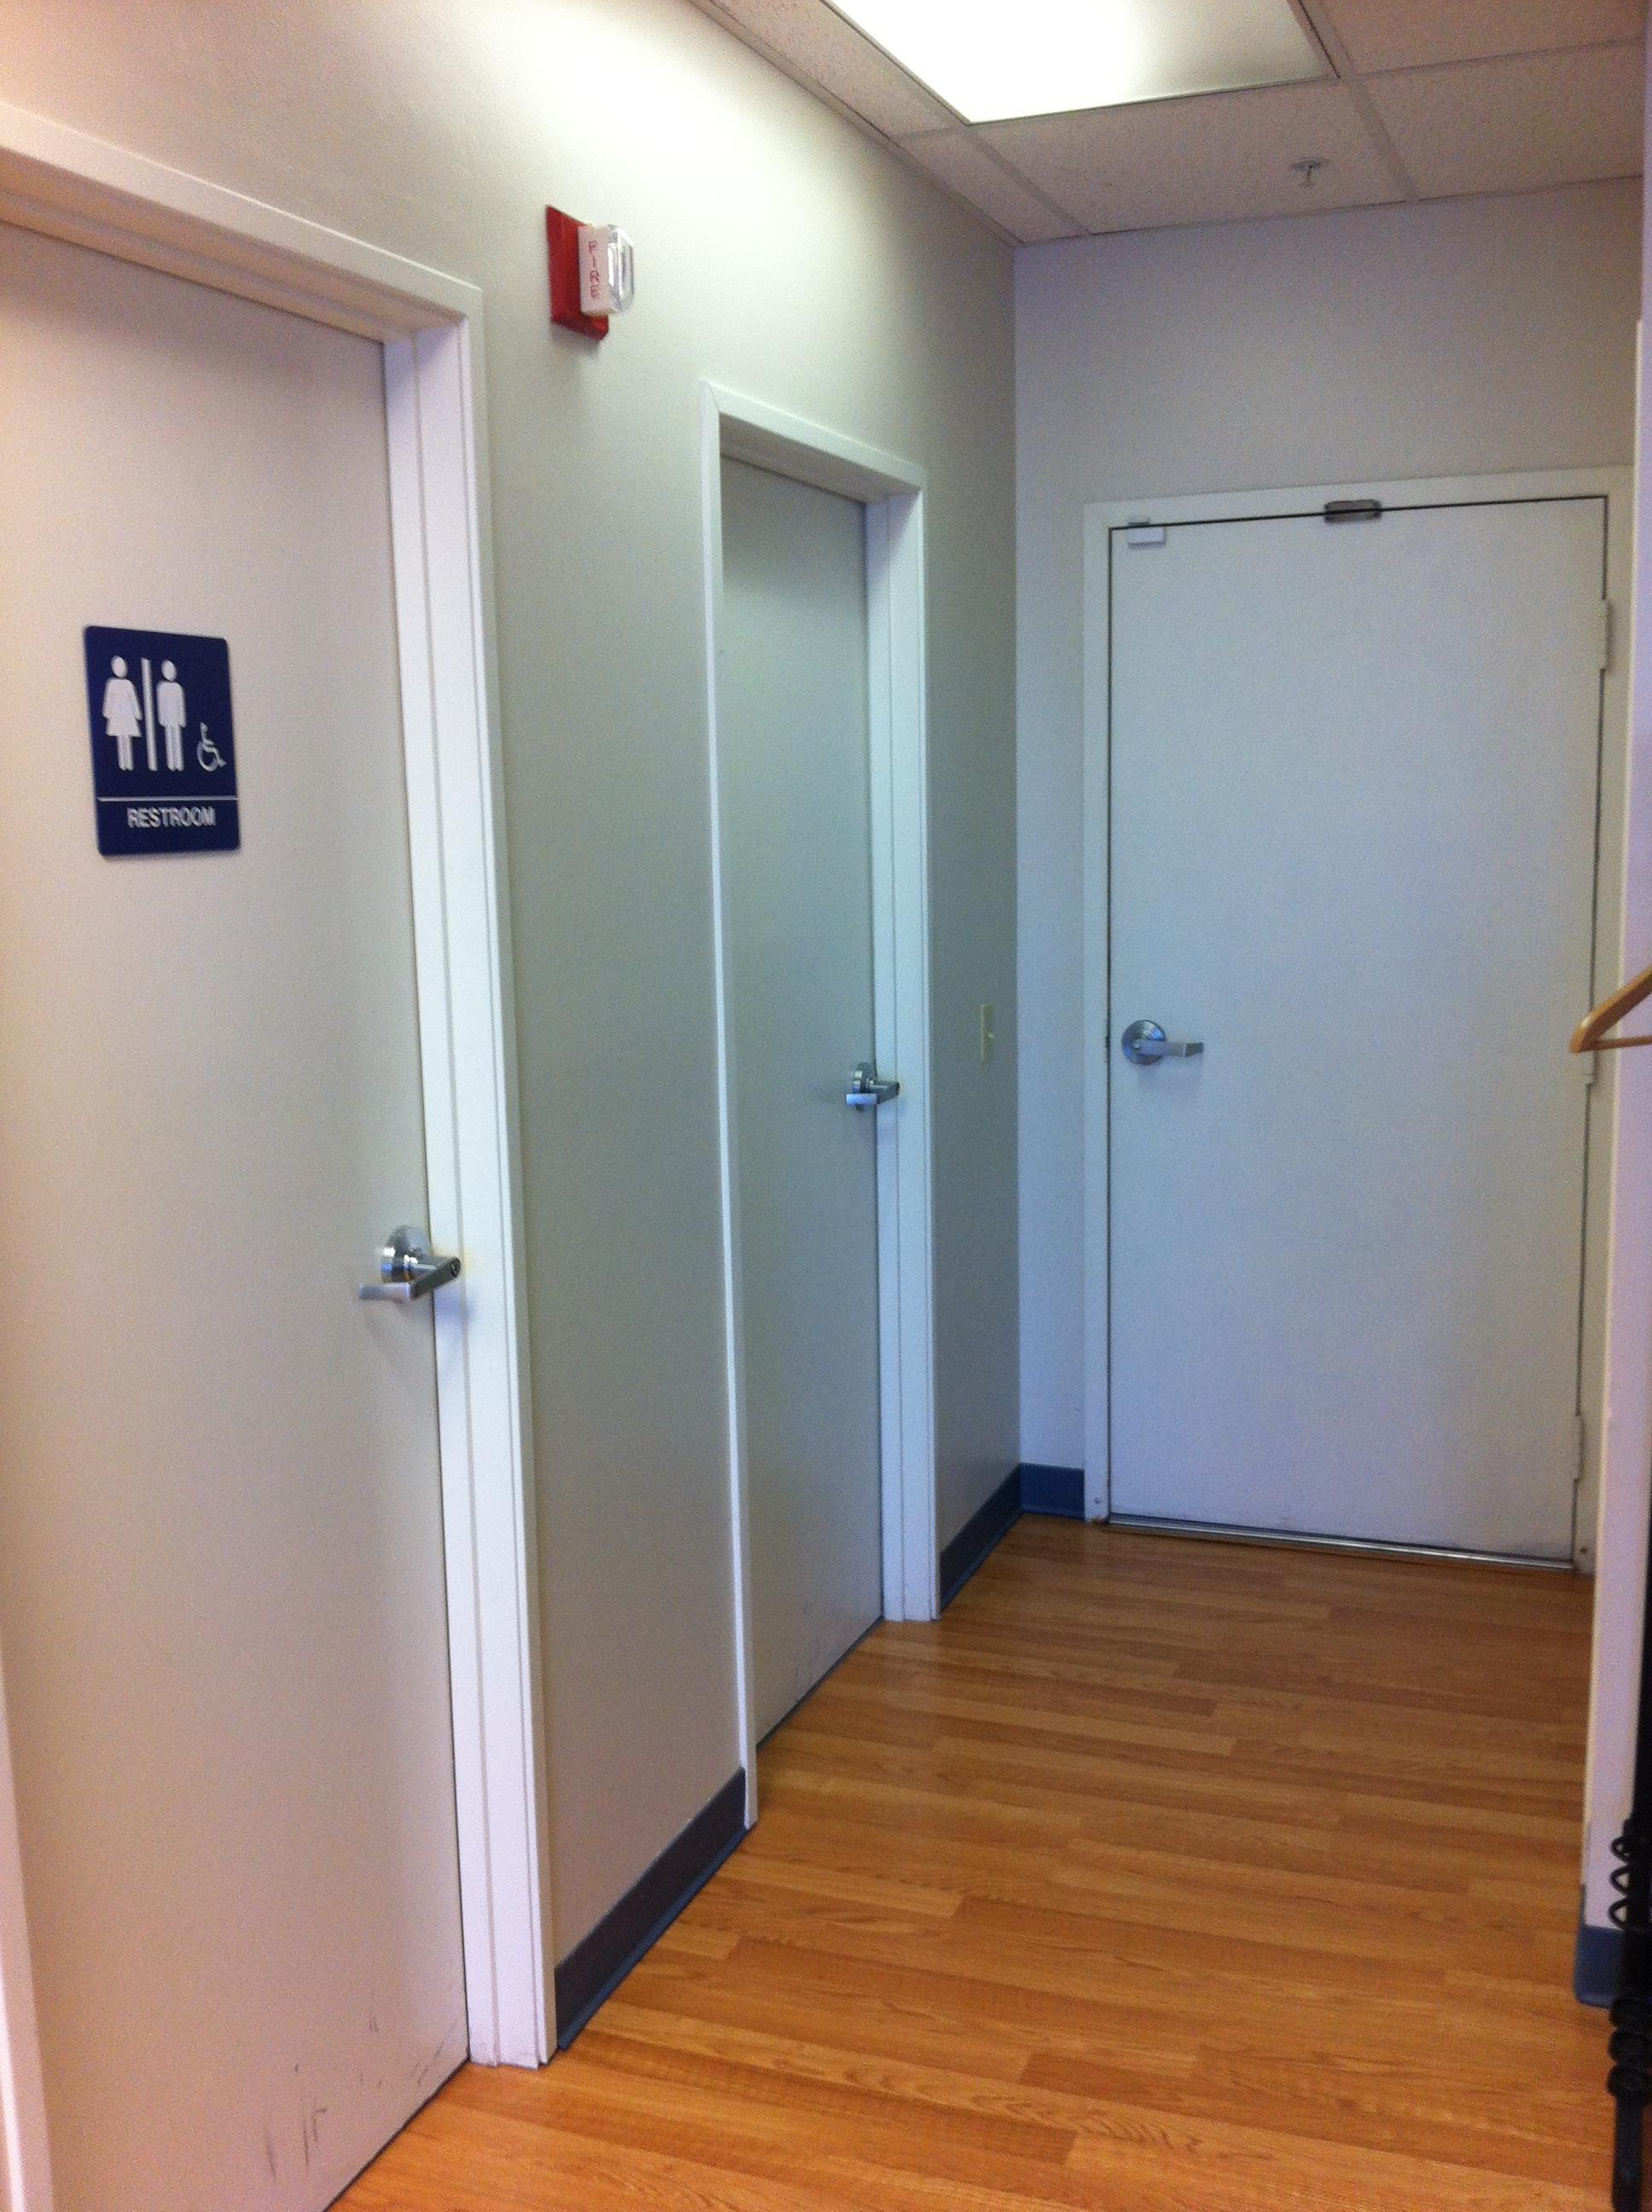 Hallway - Bathroom, Storage, Roof Access Doors